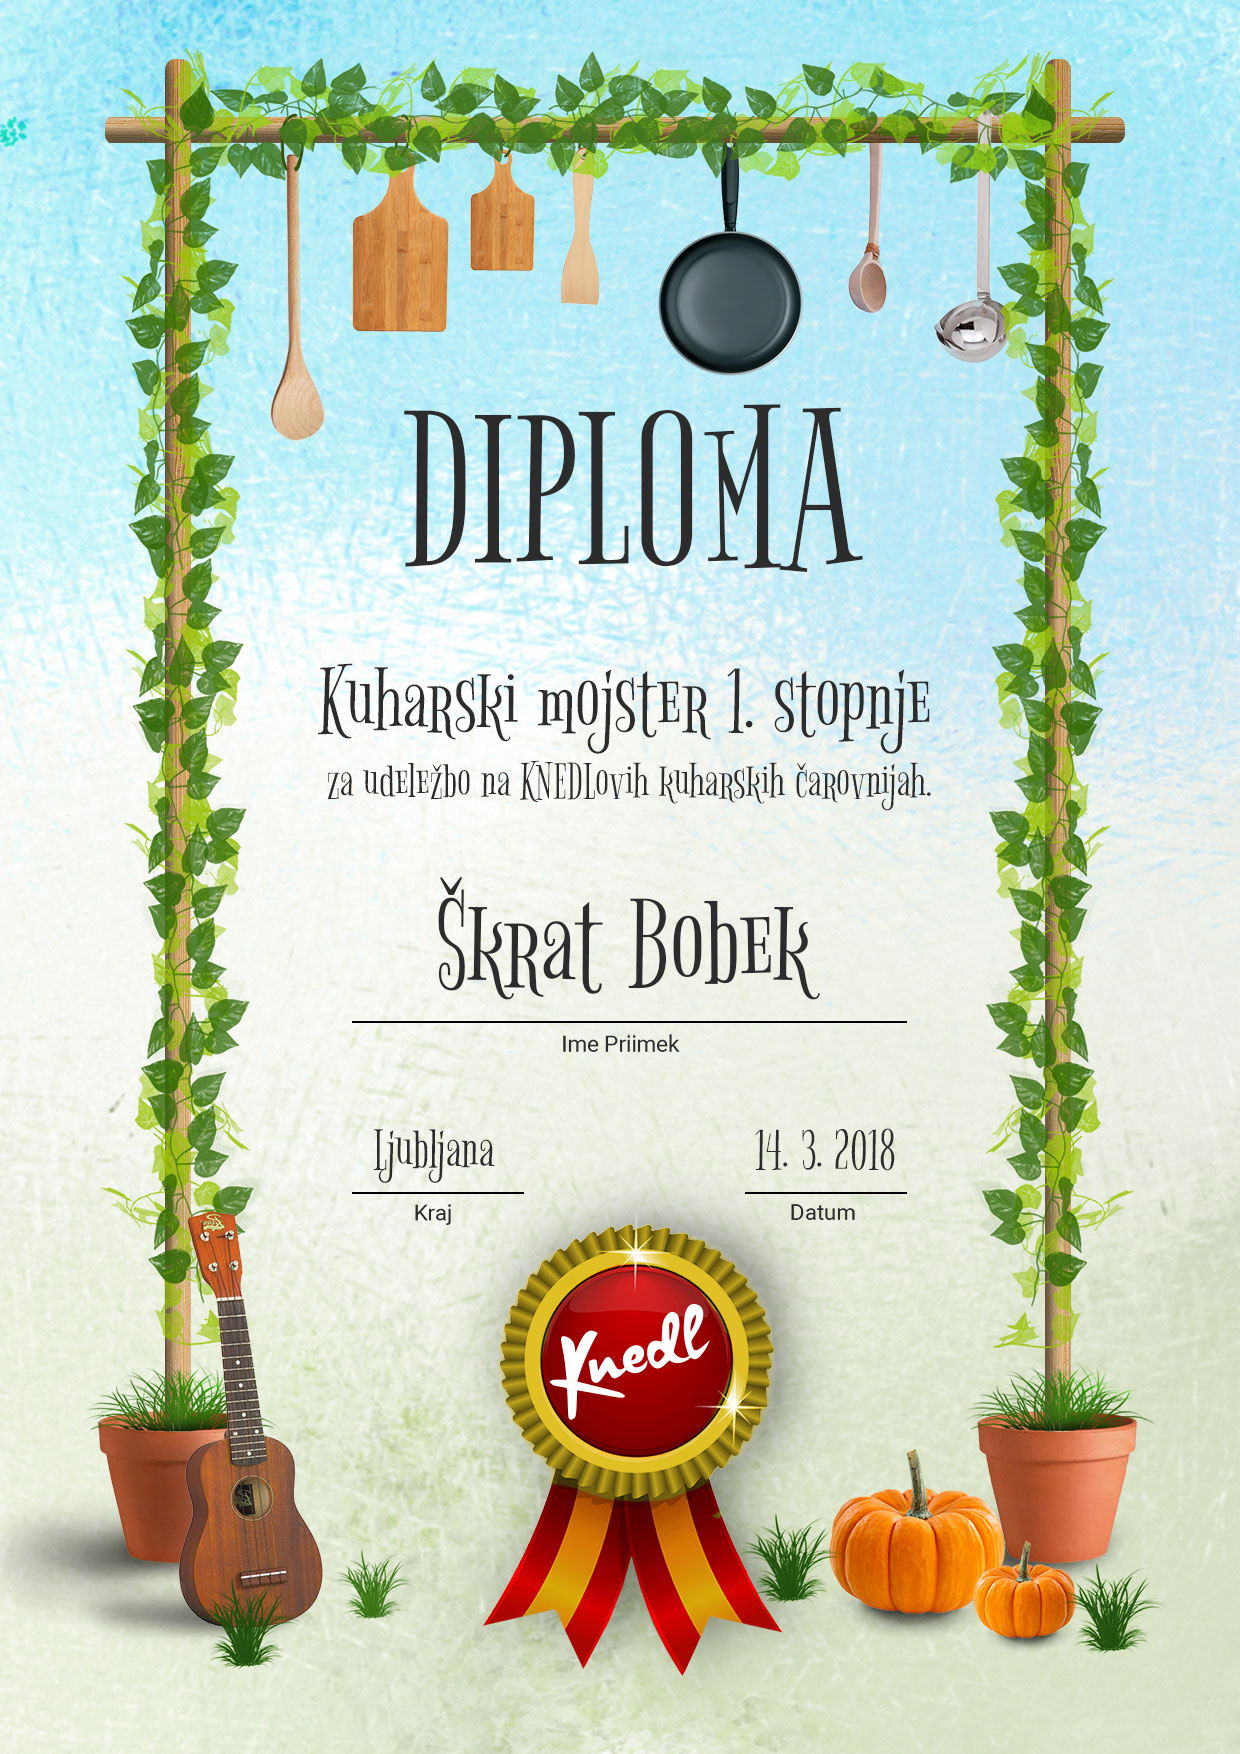 Knedl_diploma-bobek.jpg